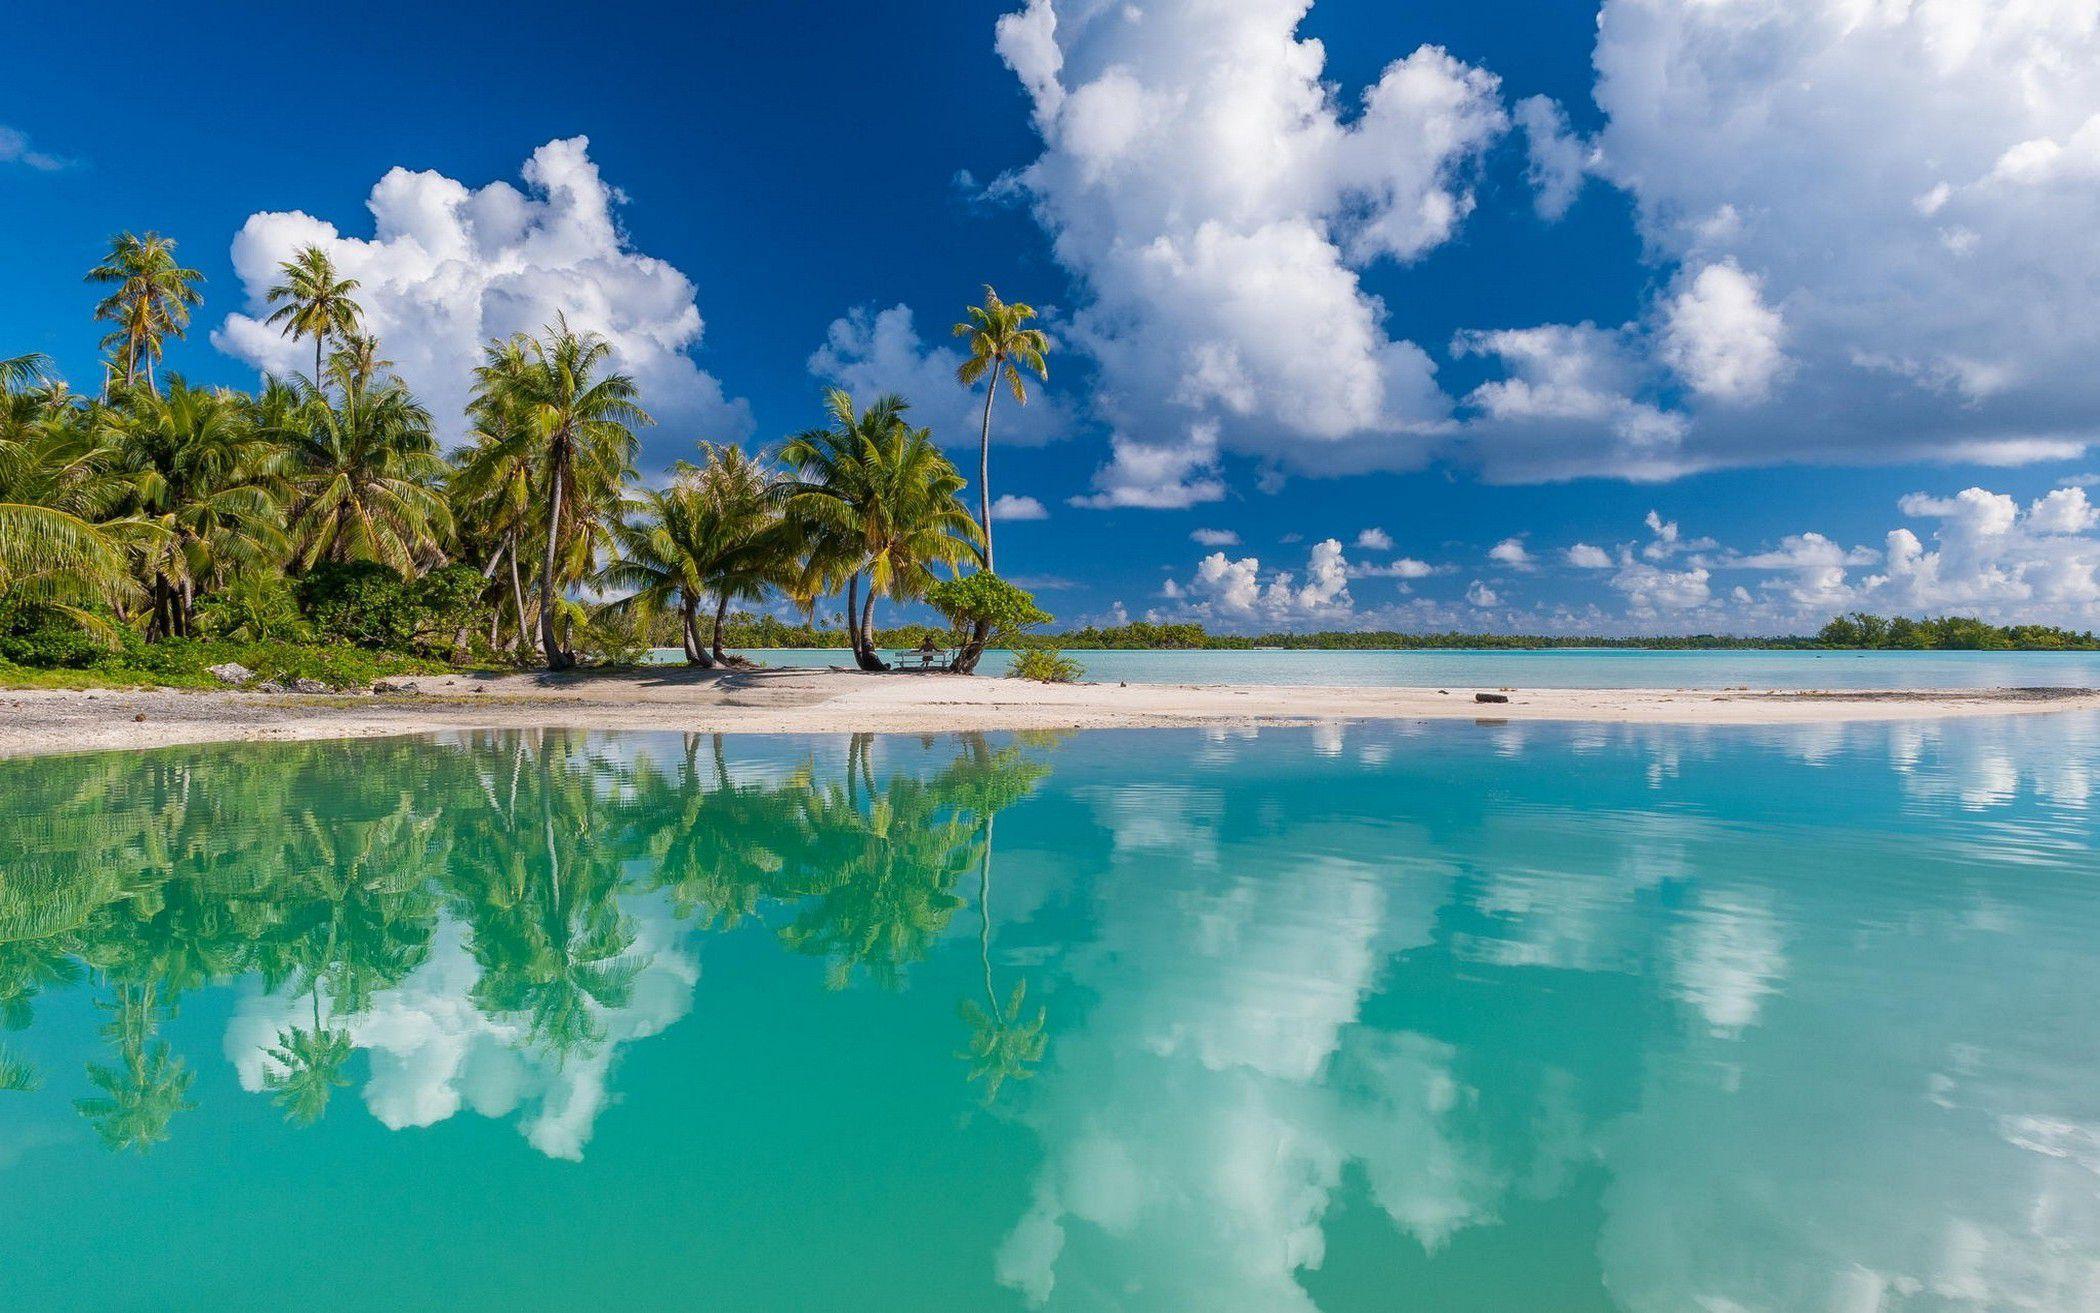 Turquoise Sea Photos